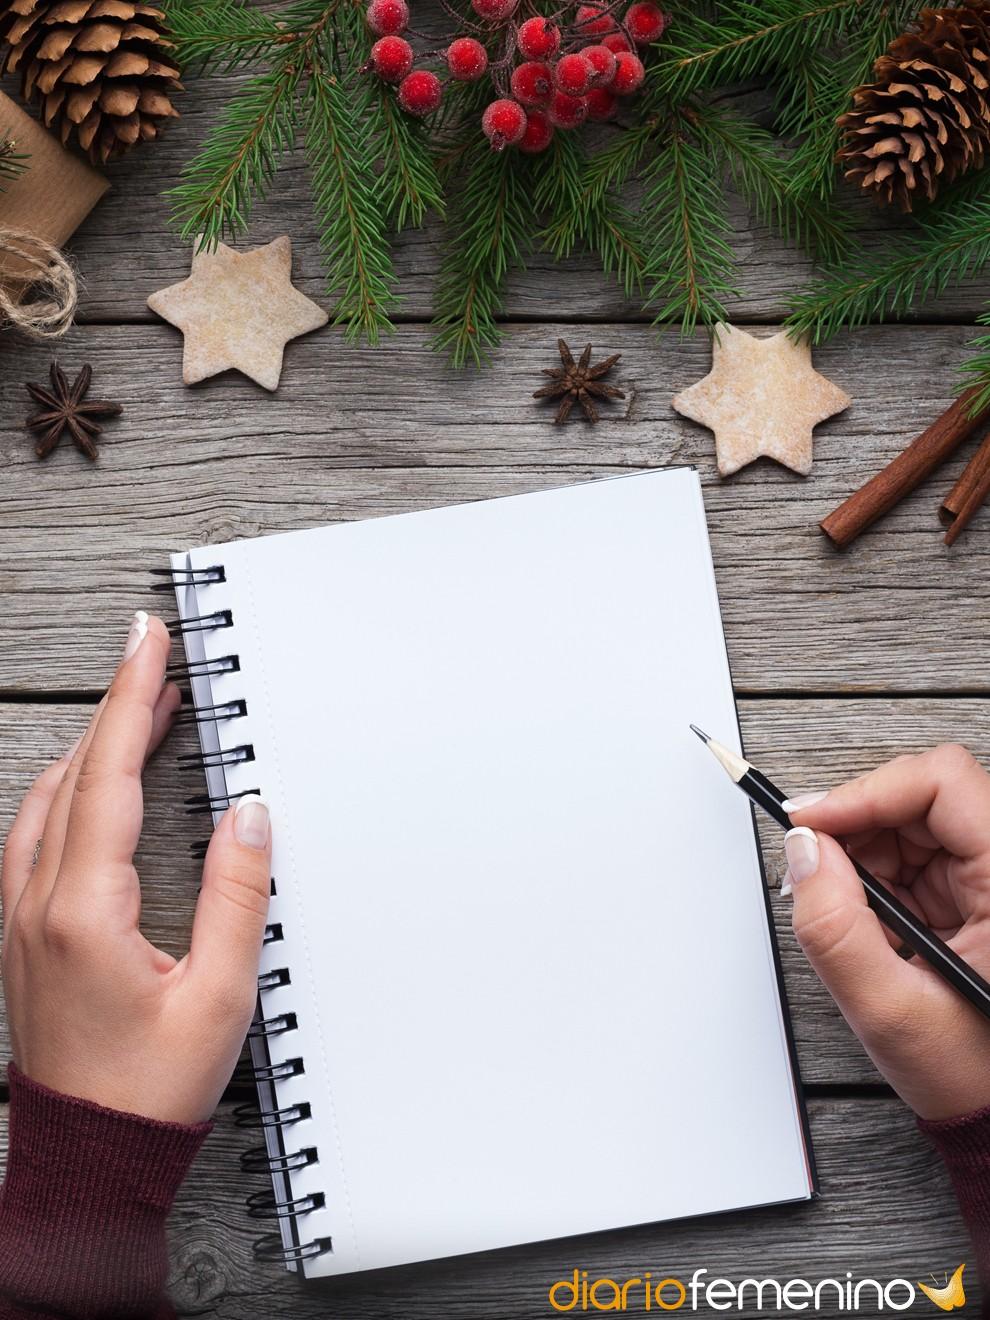 Cartas De Navidad Para La Familia Bonitas Y Emotivas Padres Hermanos Adrián uribe y emmanuel palomares: como escribir una bonita carta de navidad a tu novio consejos y ejemplos